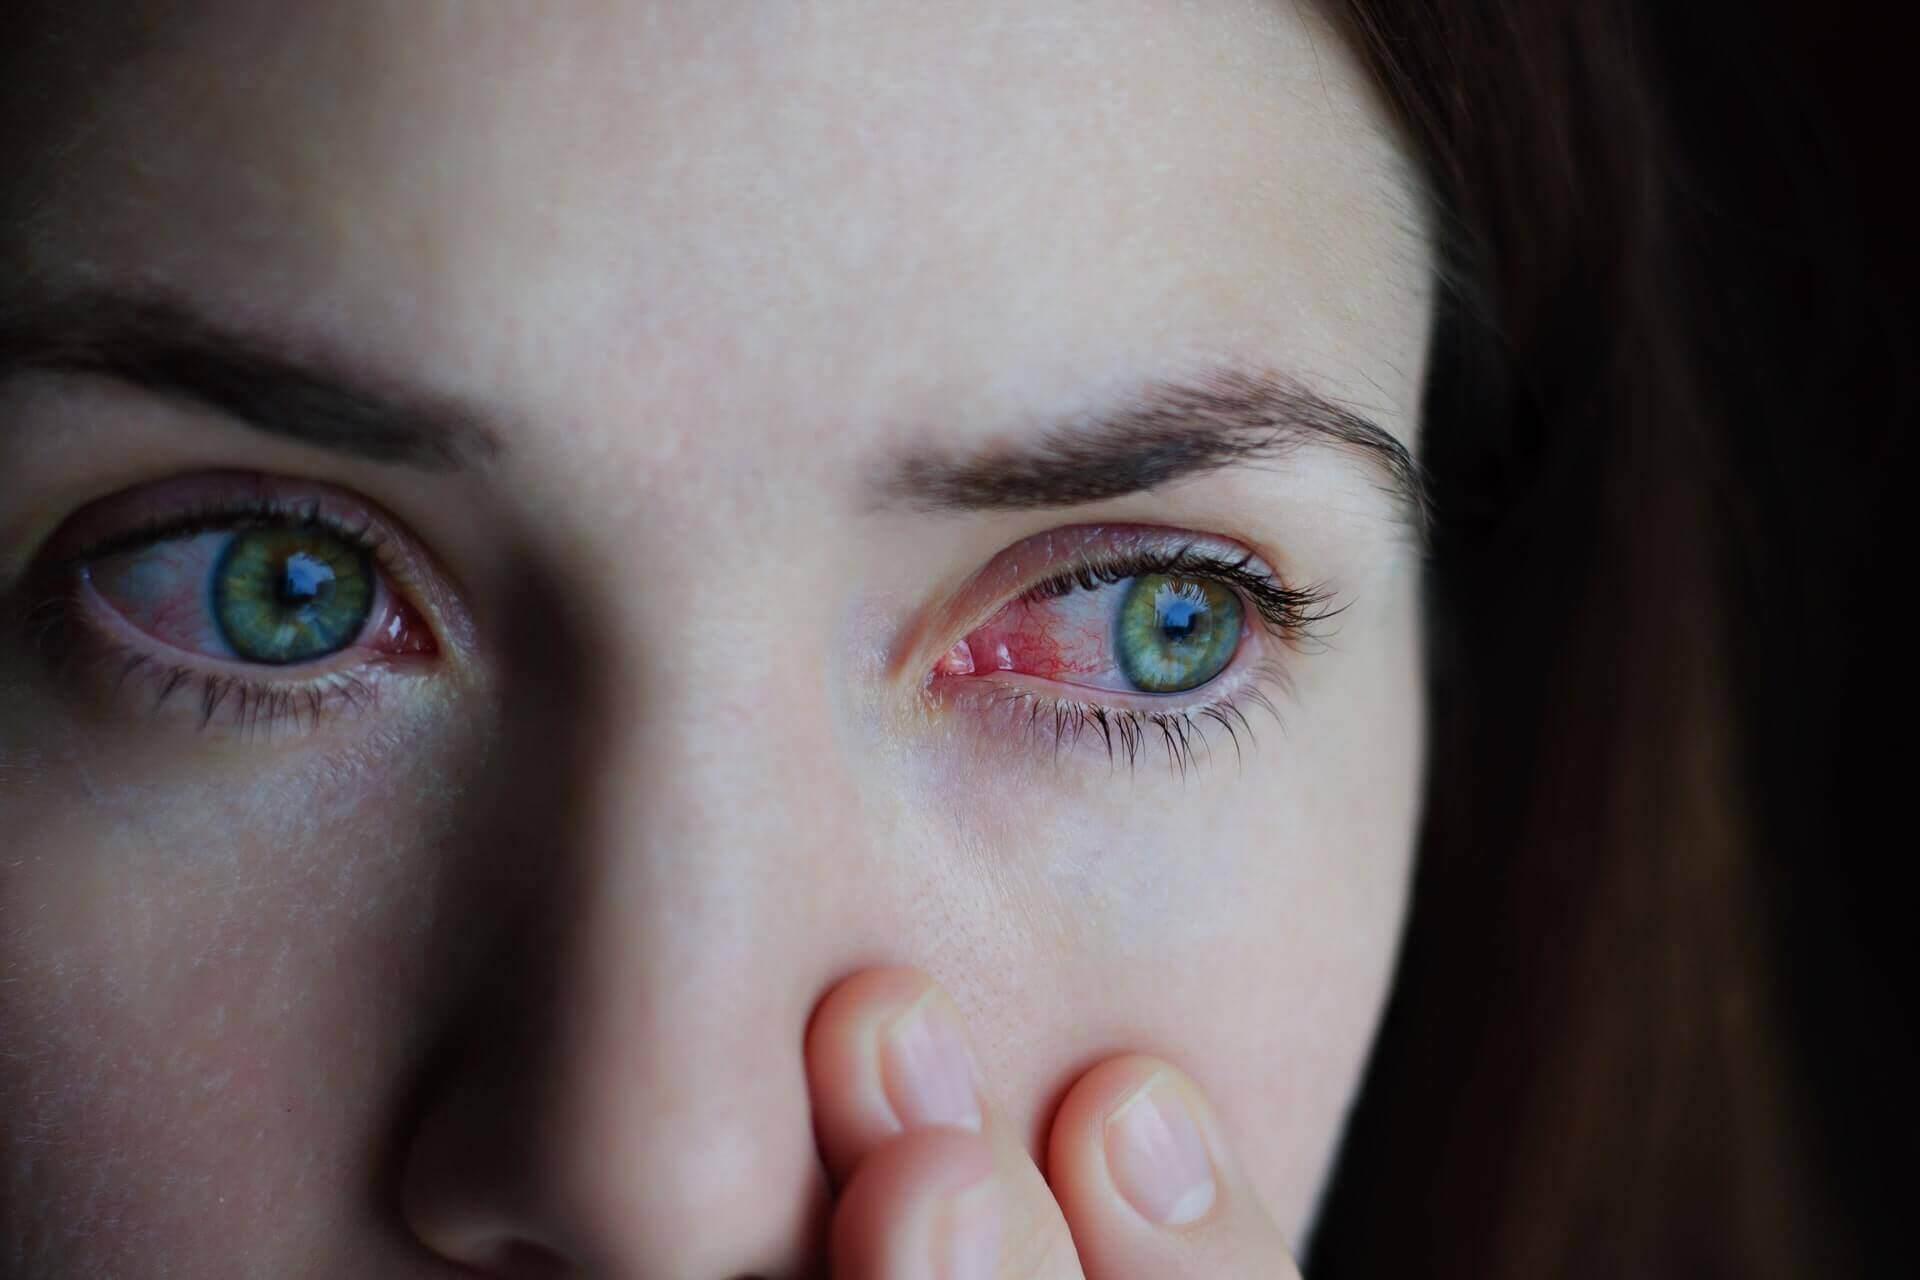 Roșeața la ochi –  trebuie să îți faci griji când apare sau este neînsemnată?